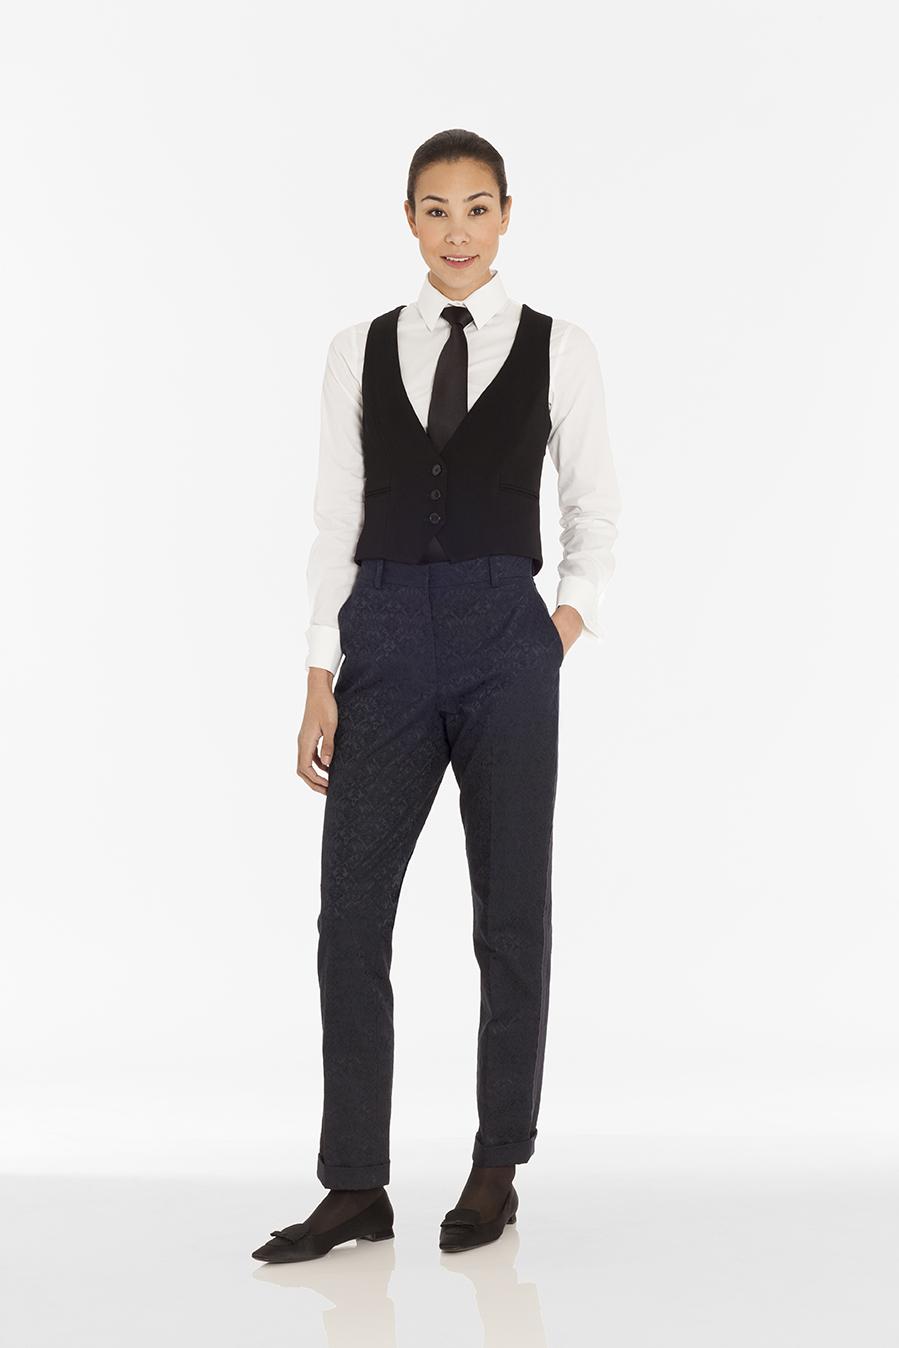 Vest 1126 Shirt 500FC Pant 127 Tie 1406